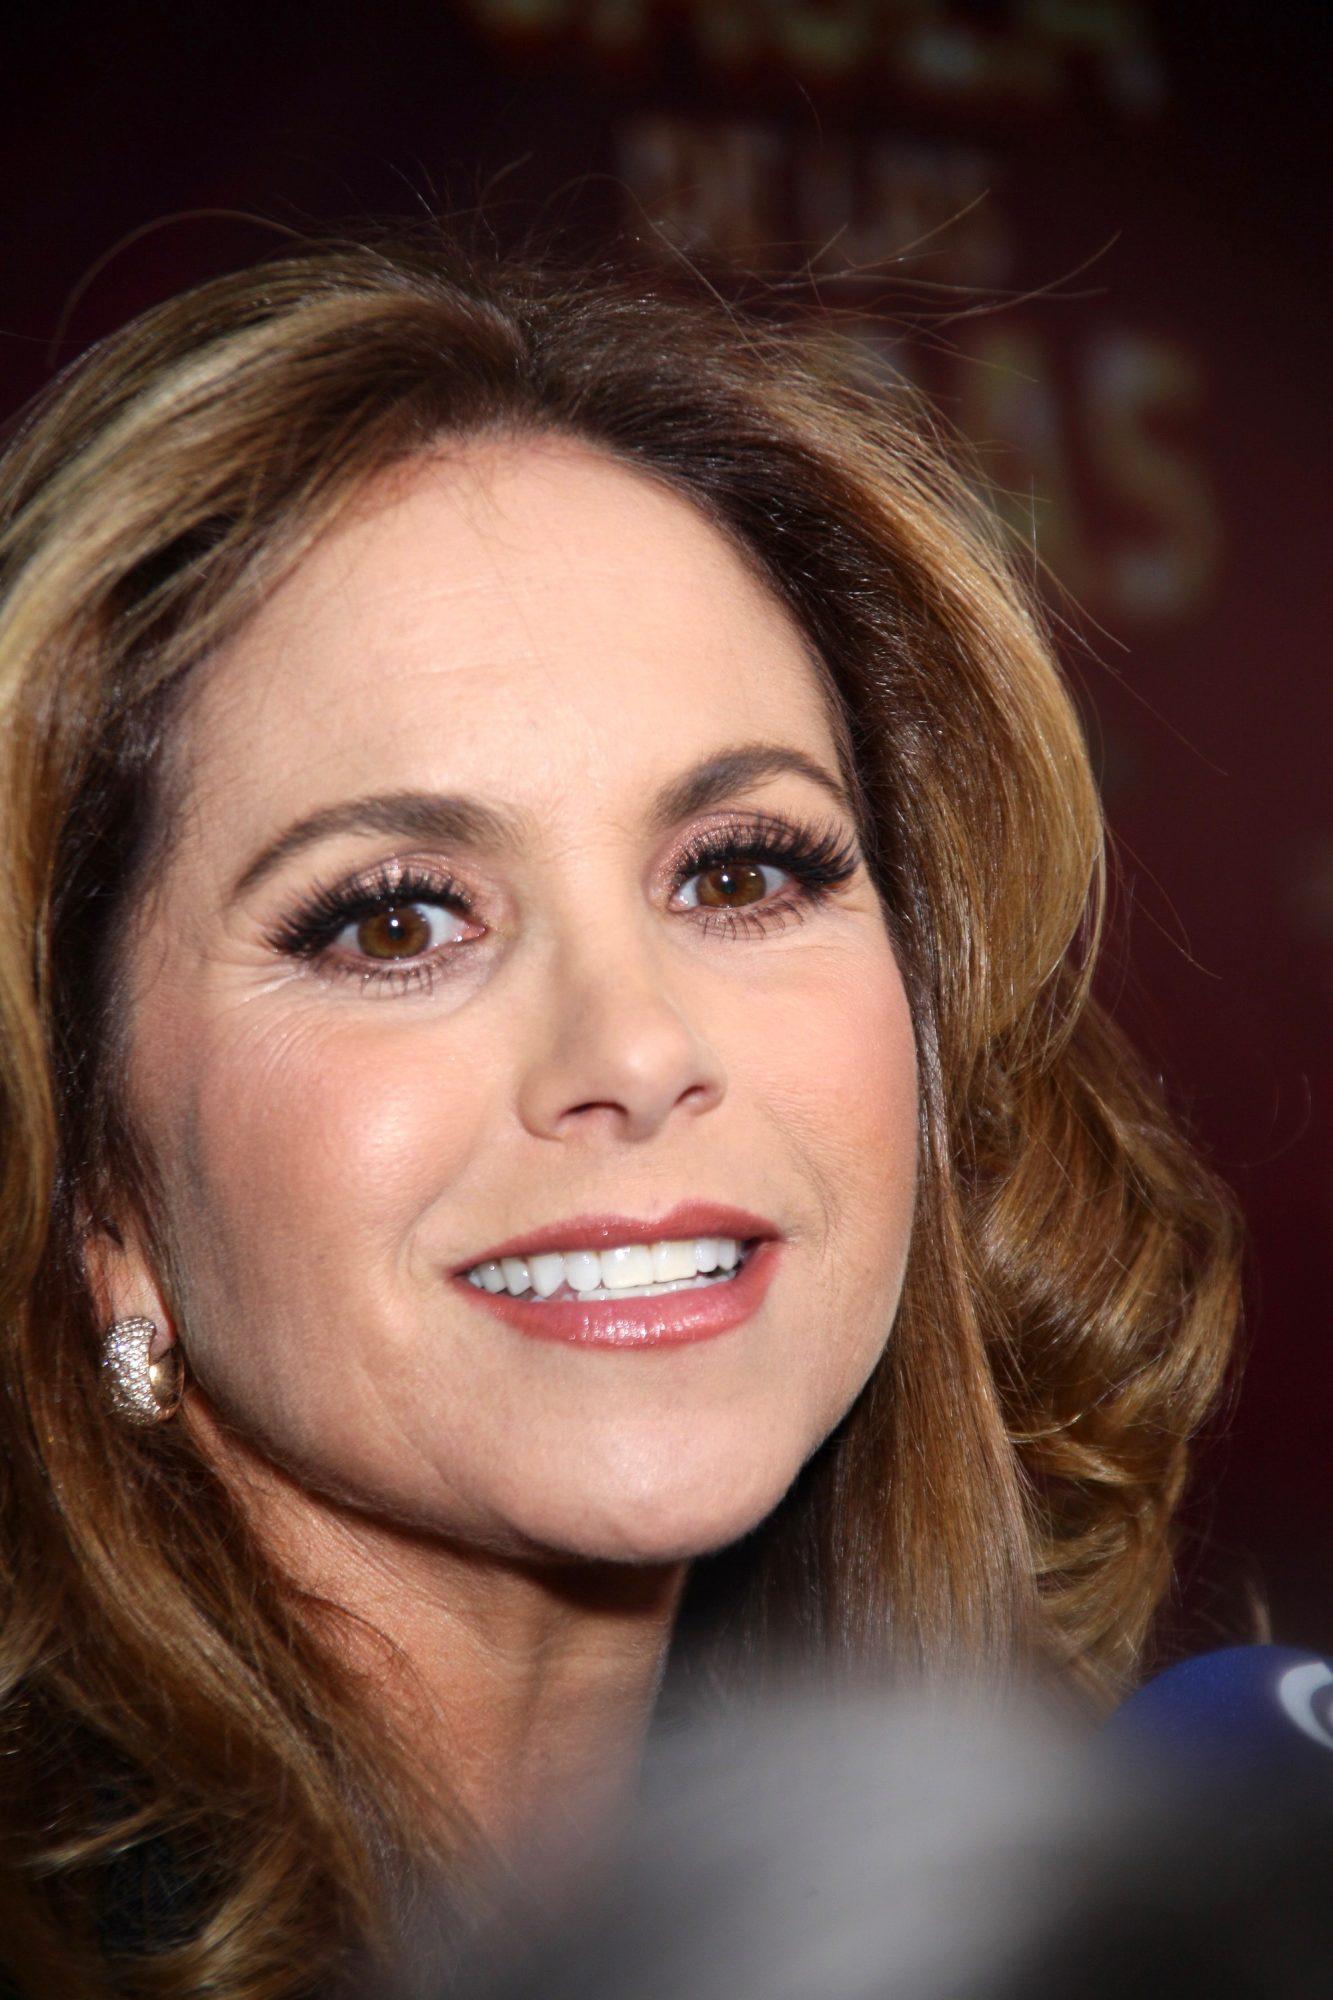 La actriz y cantante mexicana está esperando el personaje indicado para regresar a las telenovelas y este, sin duda, sería una excelente opción para volver a pisar un foro de grabación.